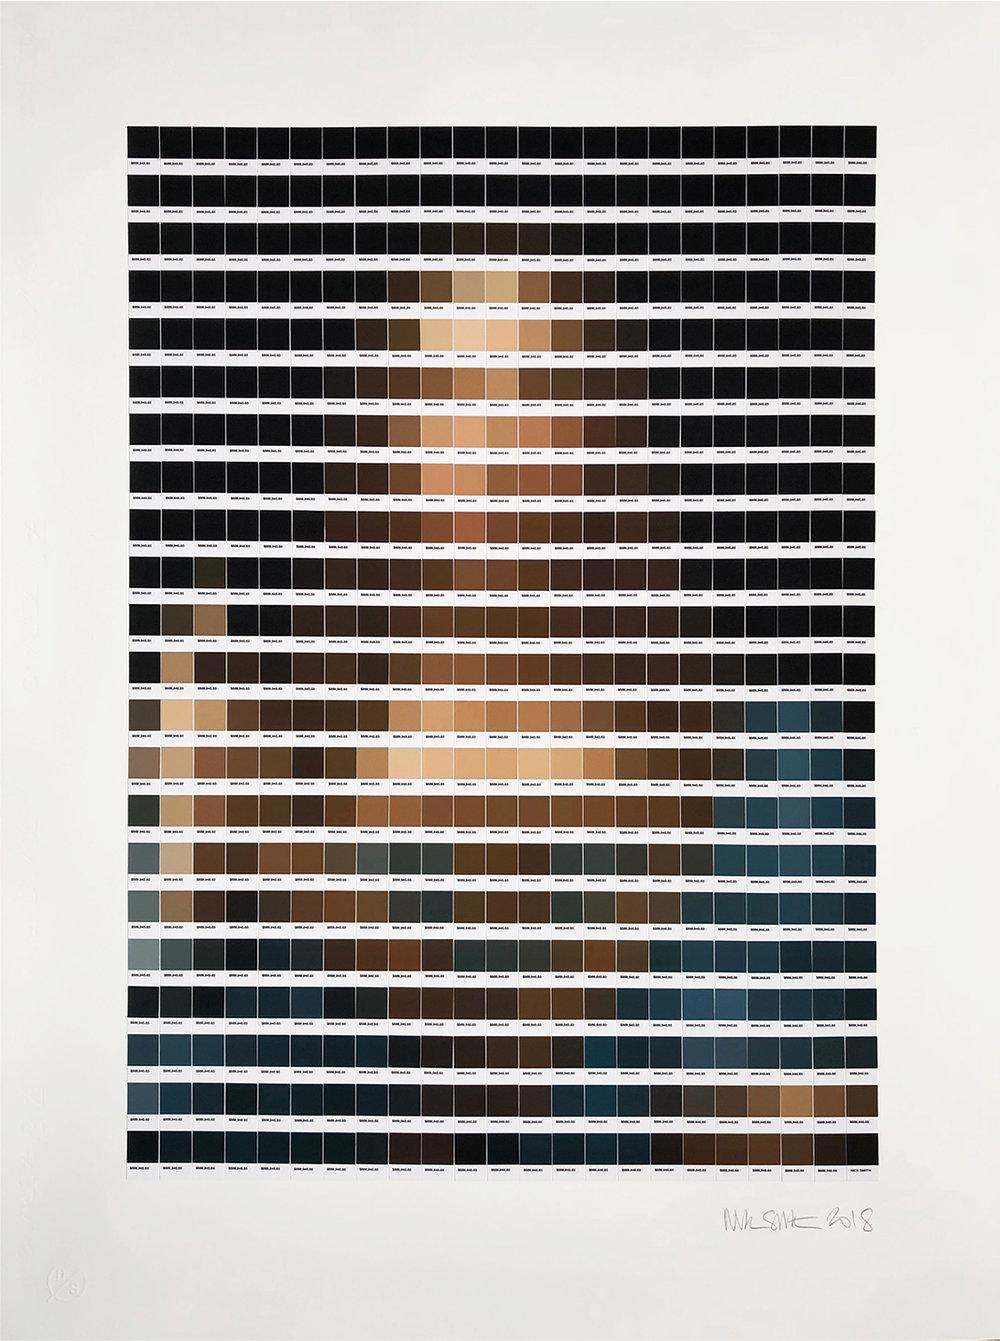 Da Vinci - Salvator Mundi